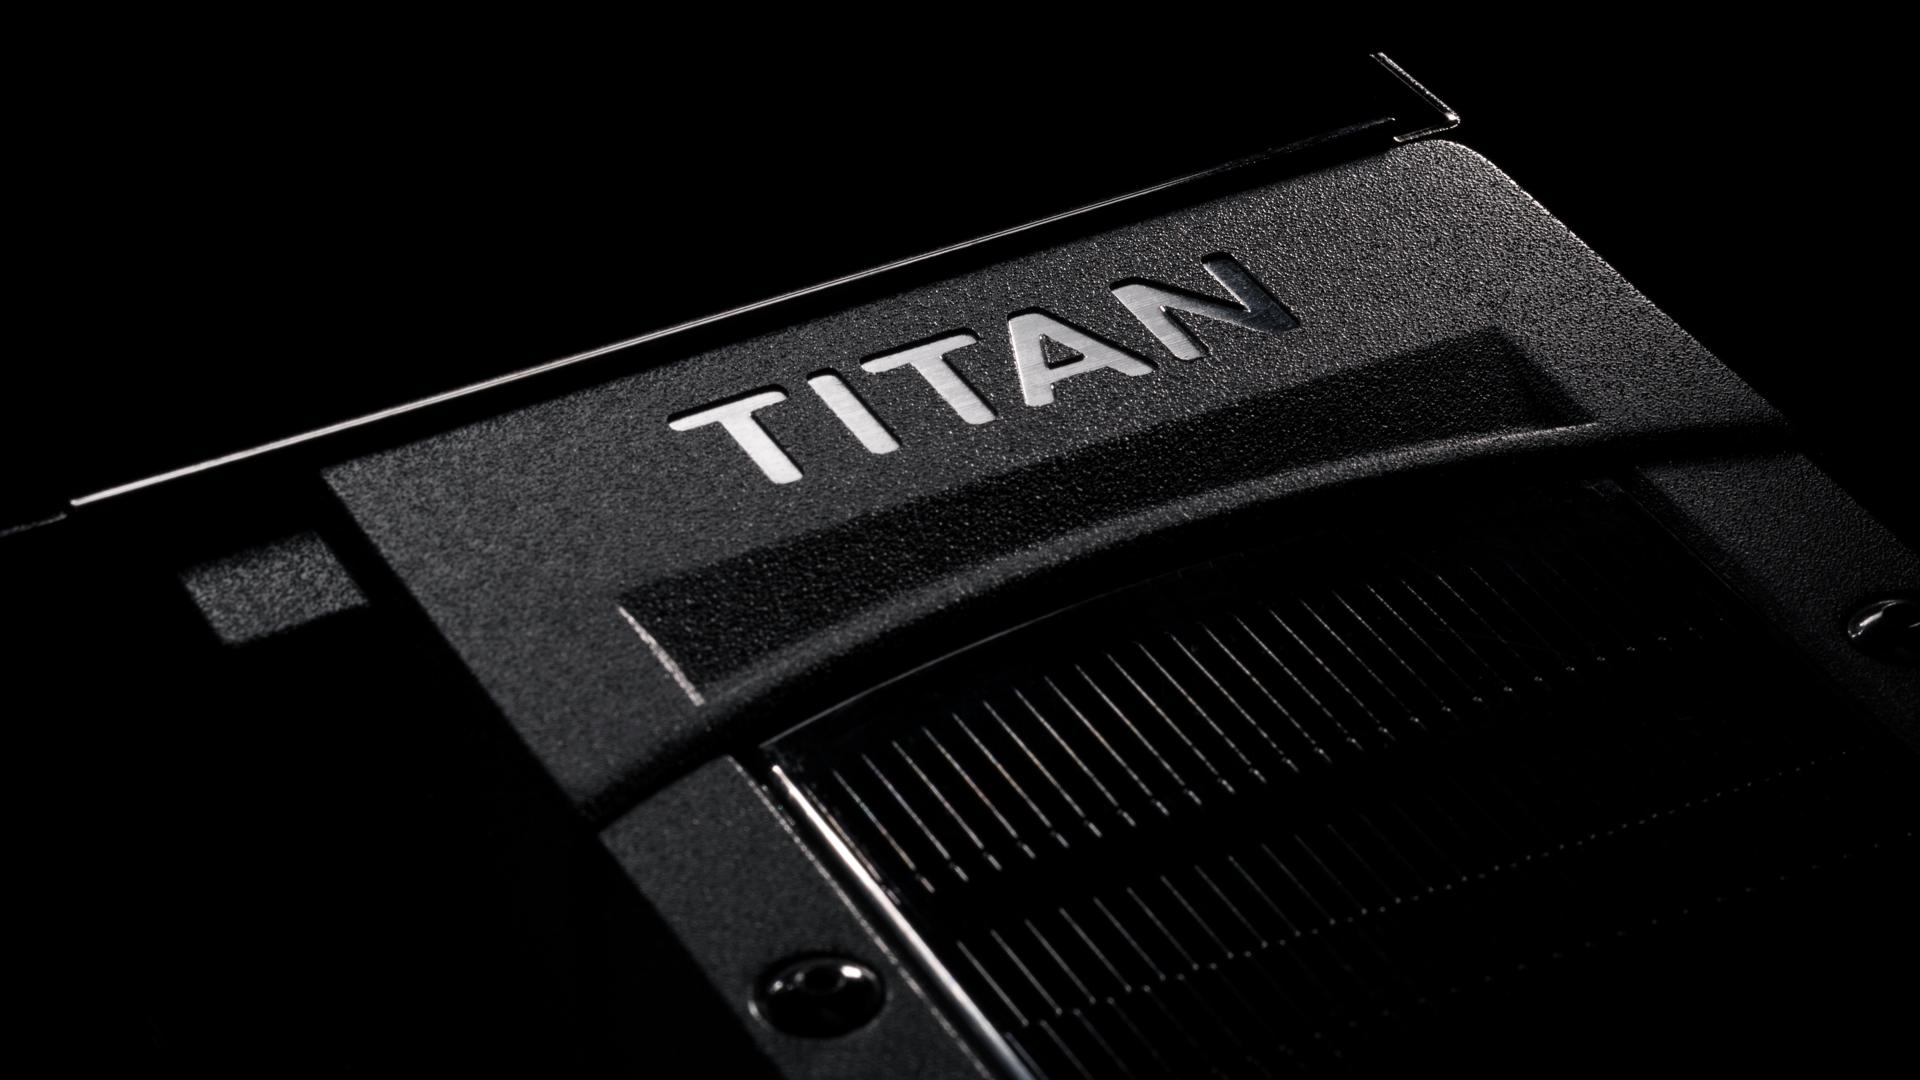 Коллекционное издание GeForce TITAN Xp посвящено «Звёздным войнам»